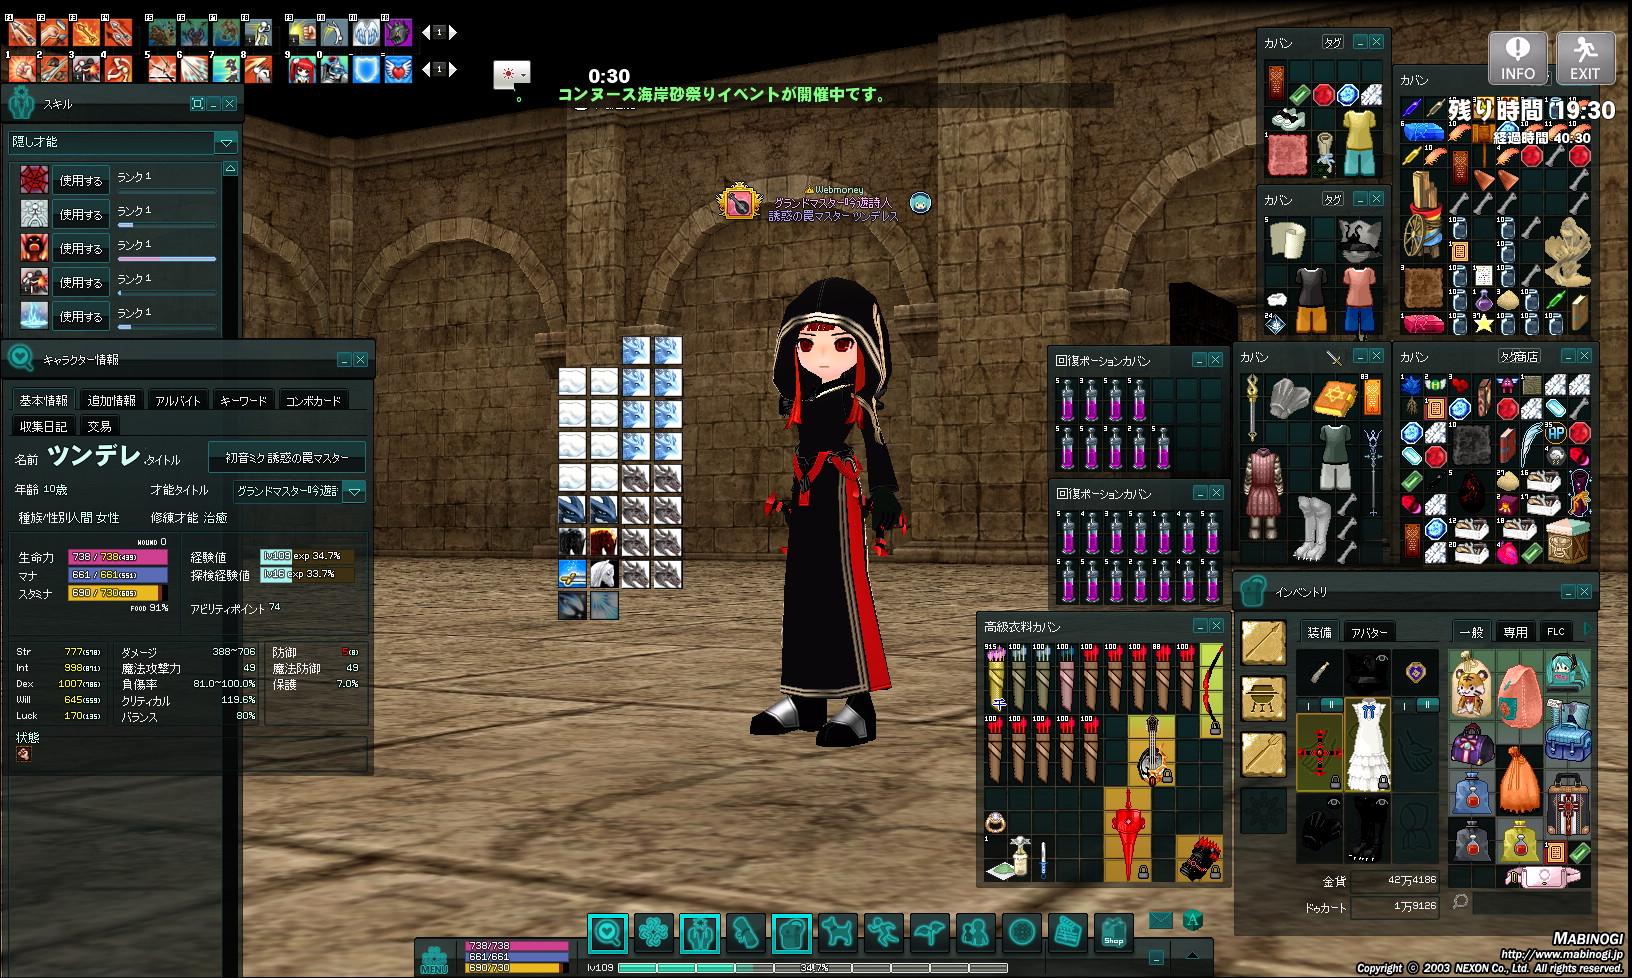 mabinogi_2013_08_09_005.jpg